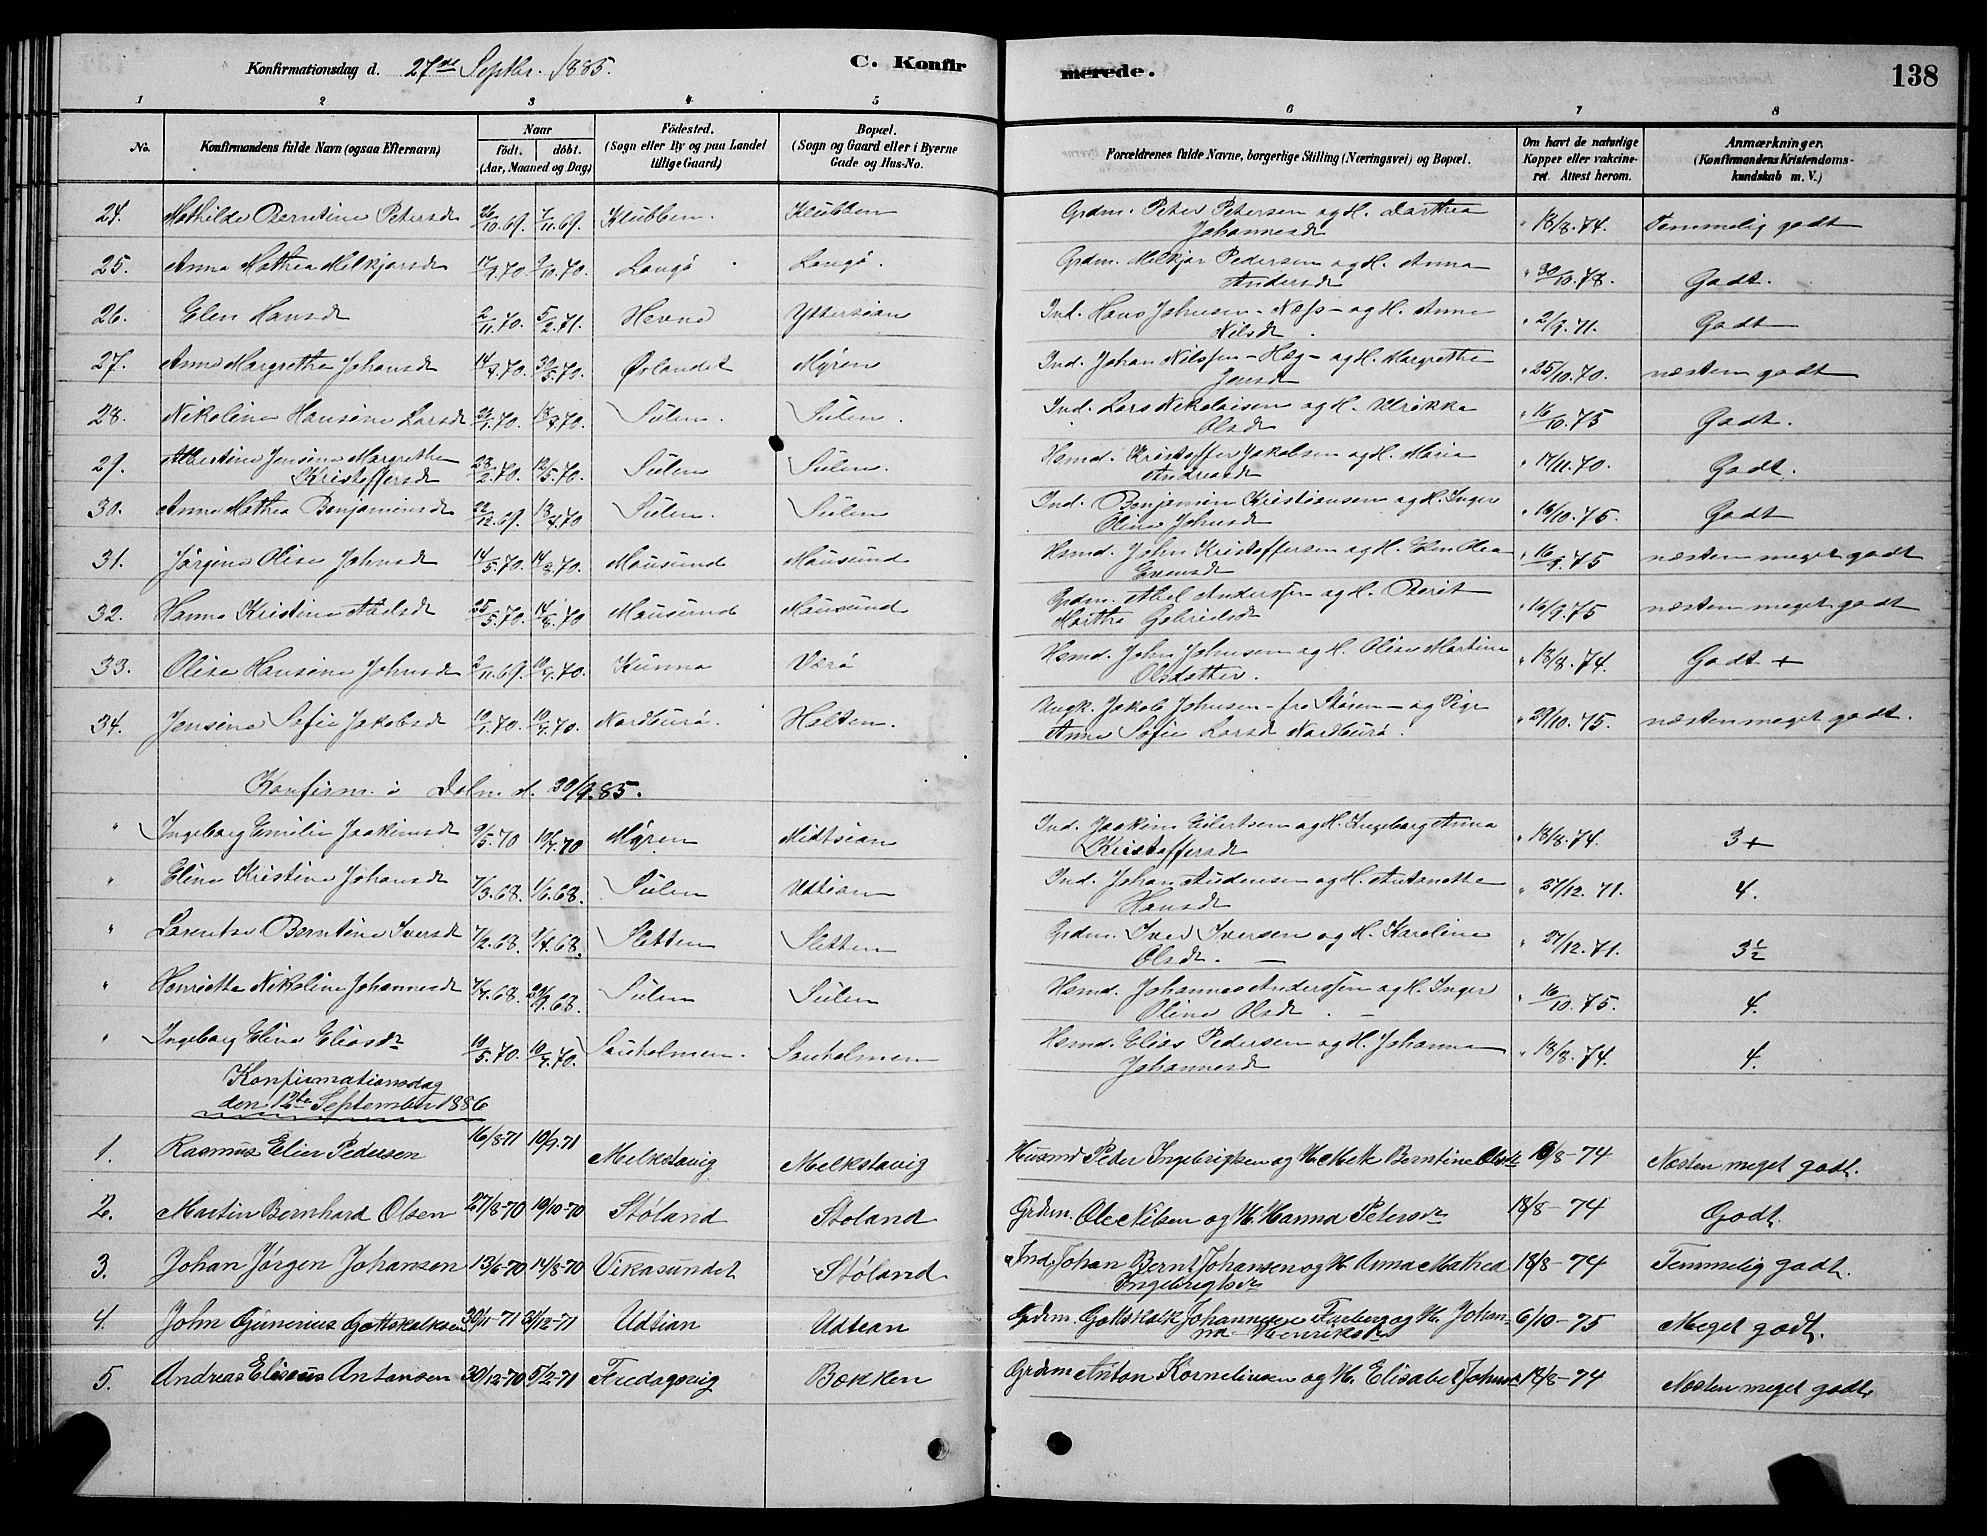 SAT, Ministerialprotokoller, klokkerbøker og fødselsregistre - Sør-Trøndelag, 640/L0585: Klokkerbok nr. 640C03, 1878-1891, s. 138